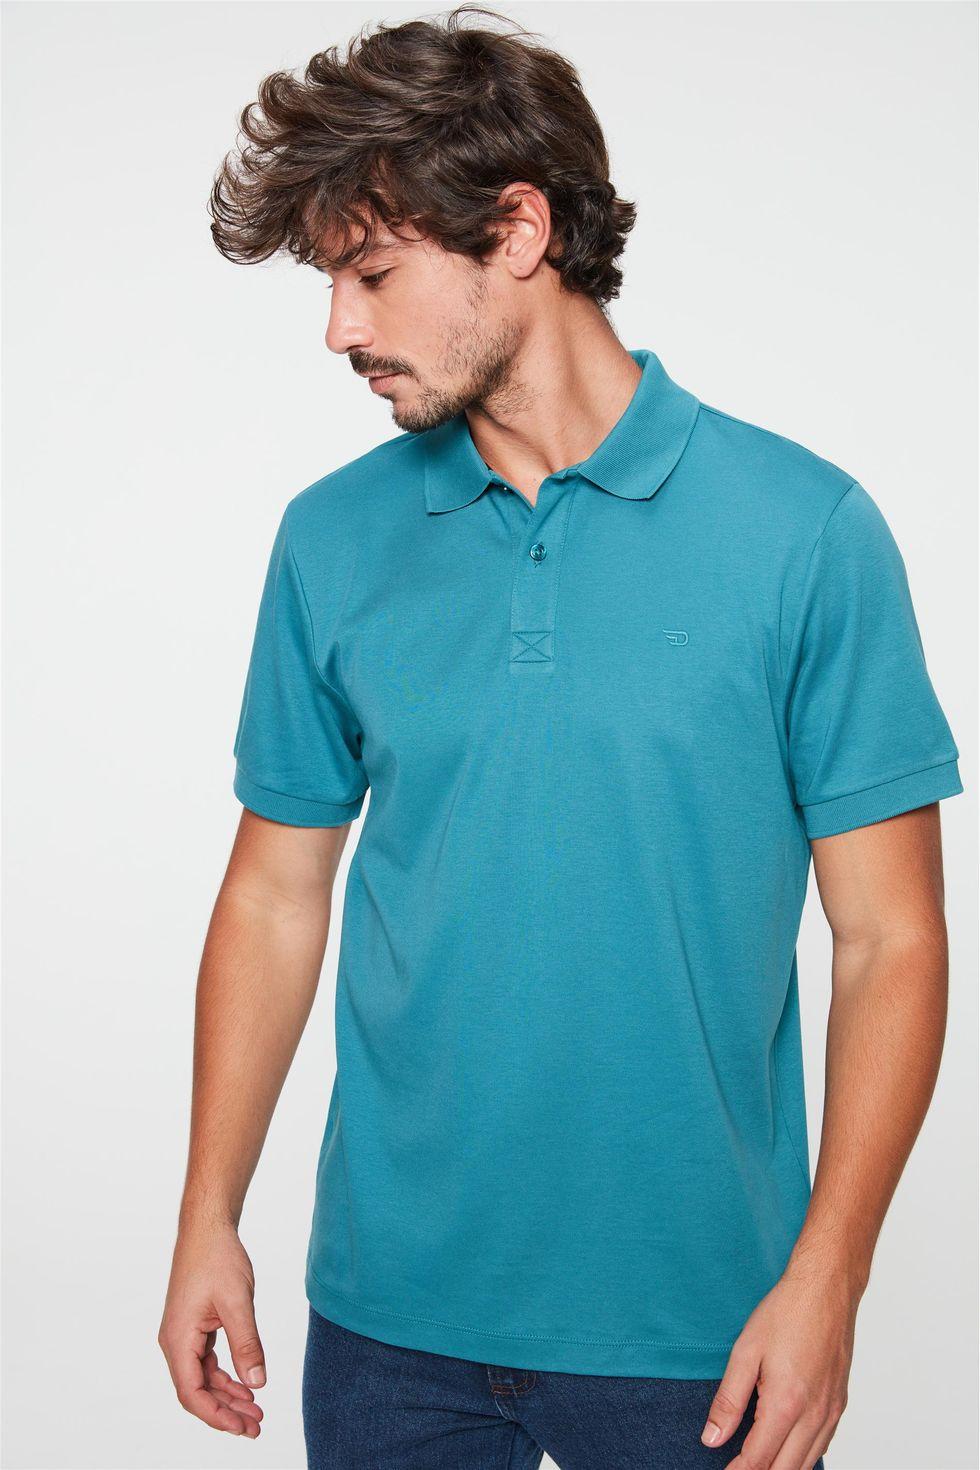 Camisa-Polo-Lisa-de-Algodao-Pima-Frente--